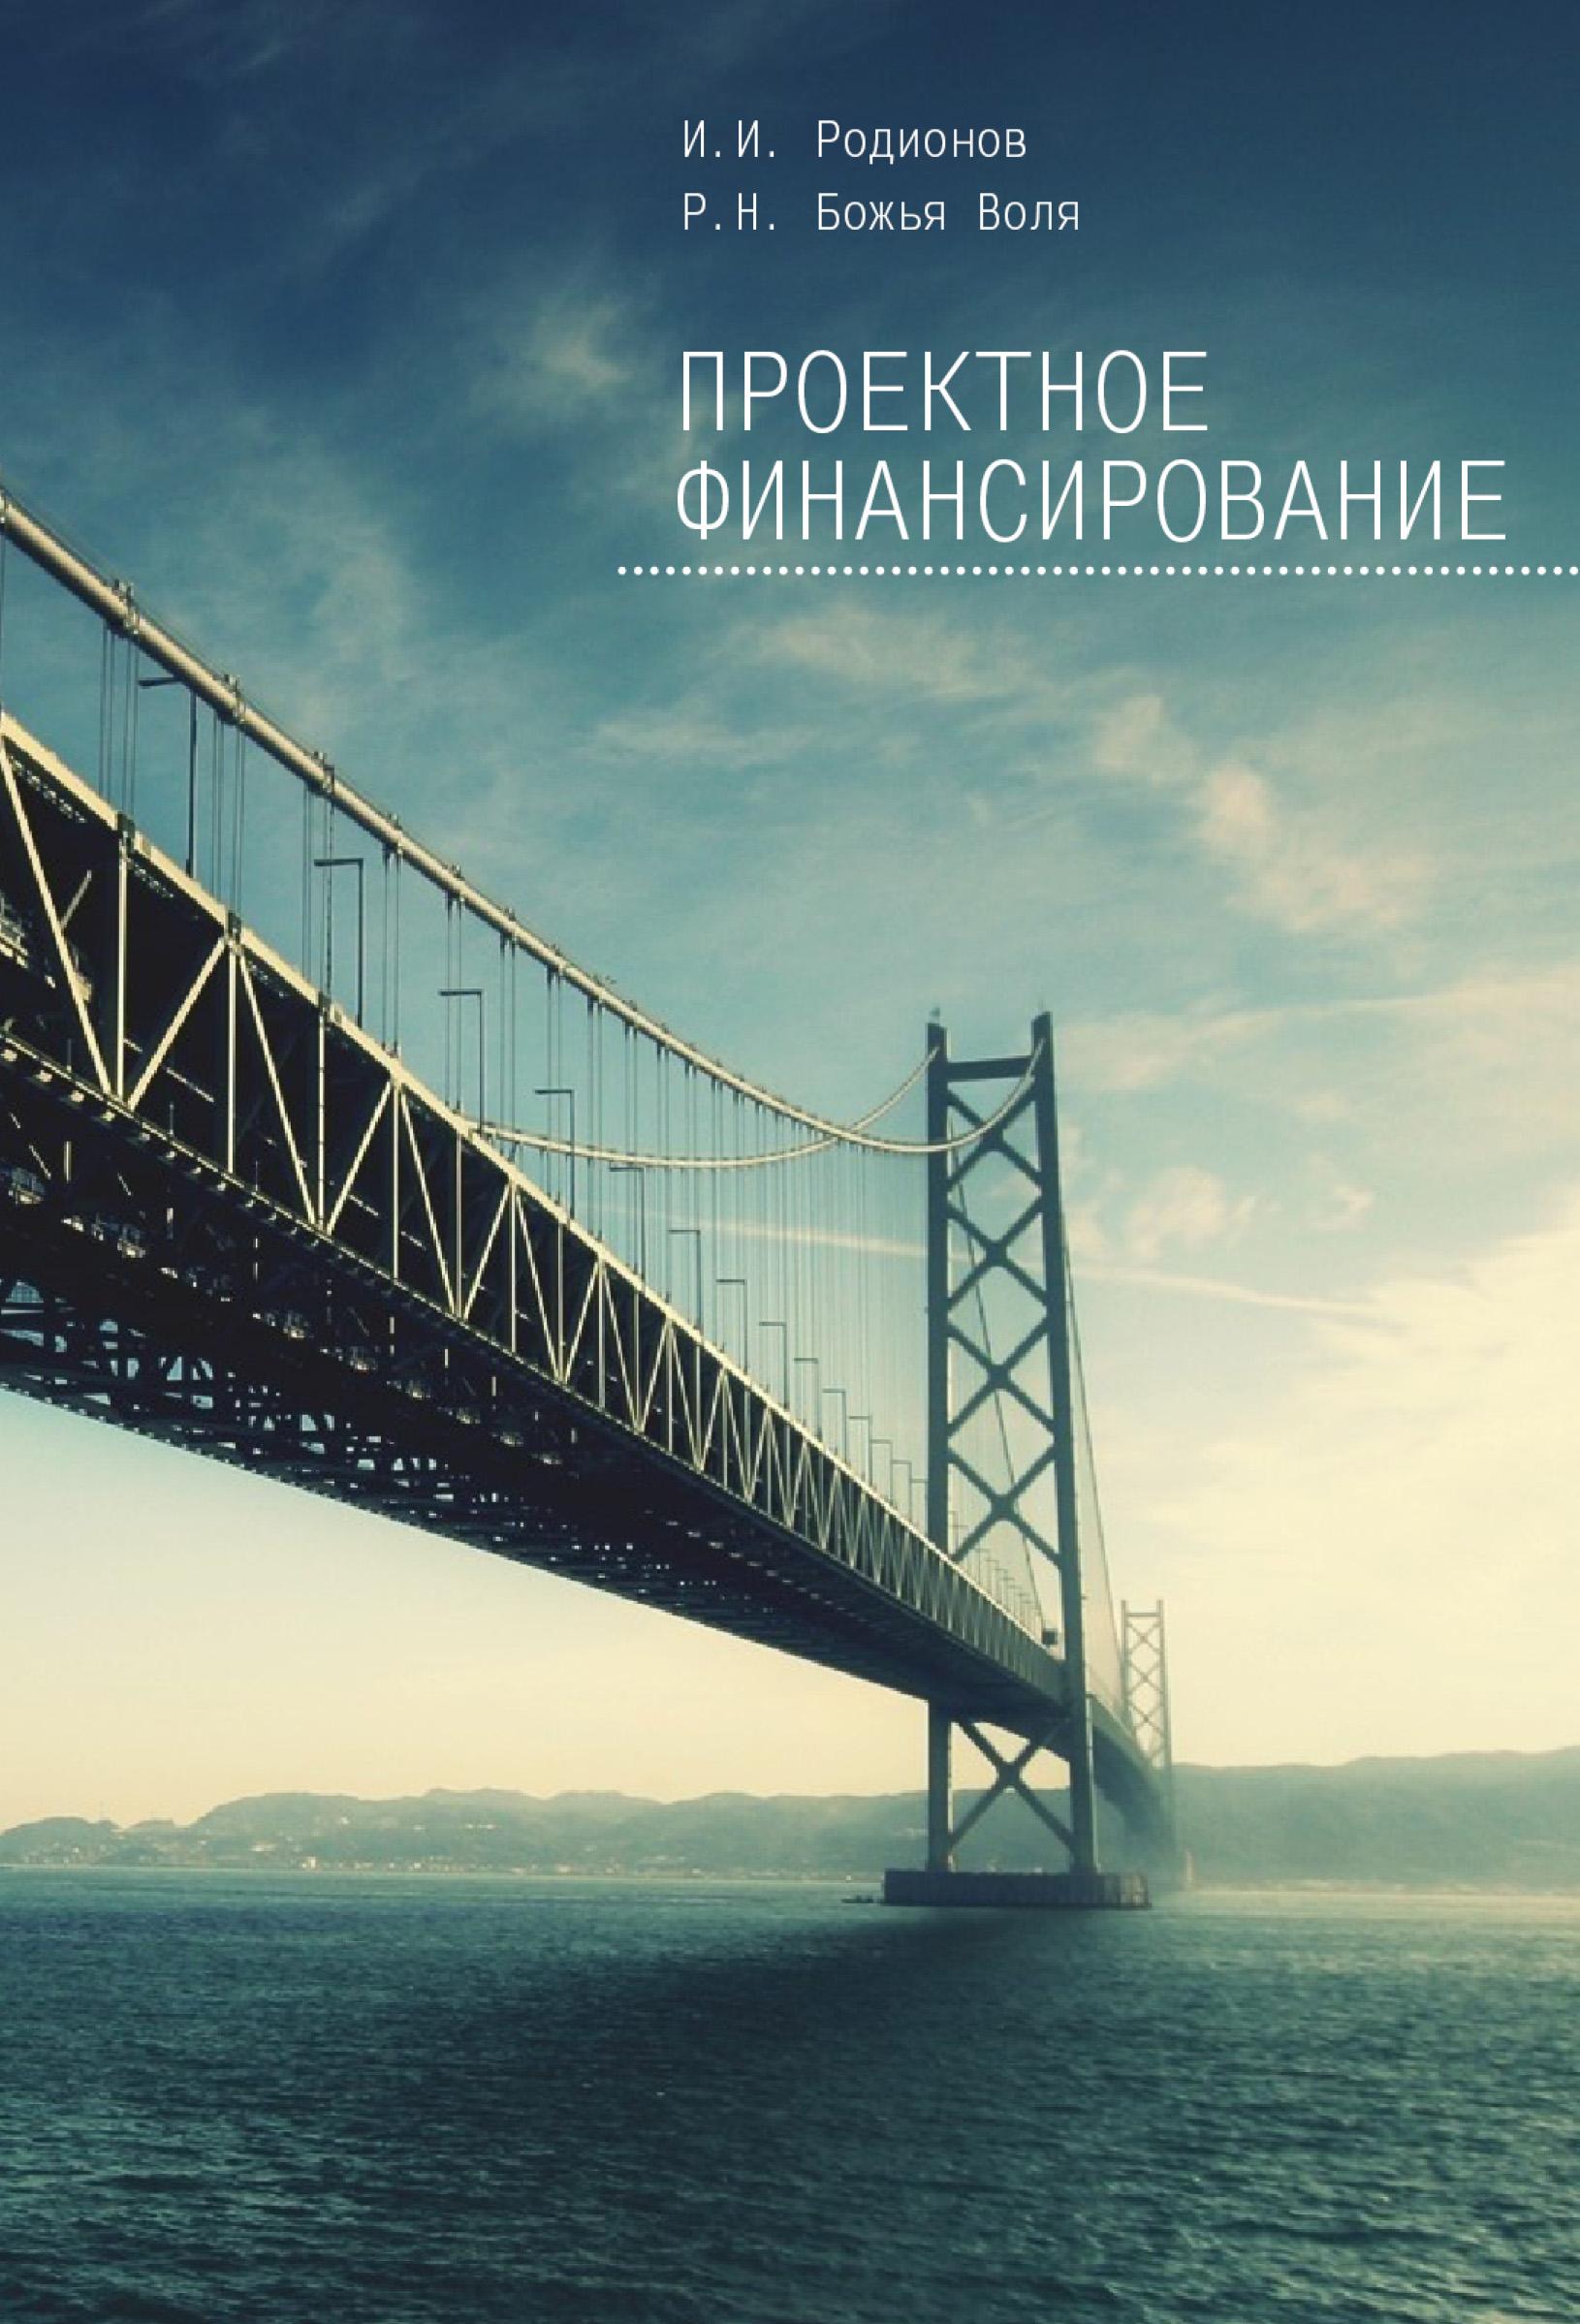 Иван Родионов Проектное финансирование э р йескомб принципы проектного финансирования